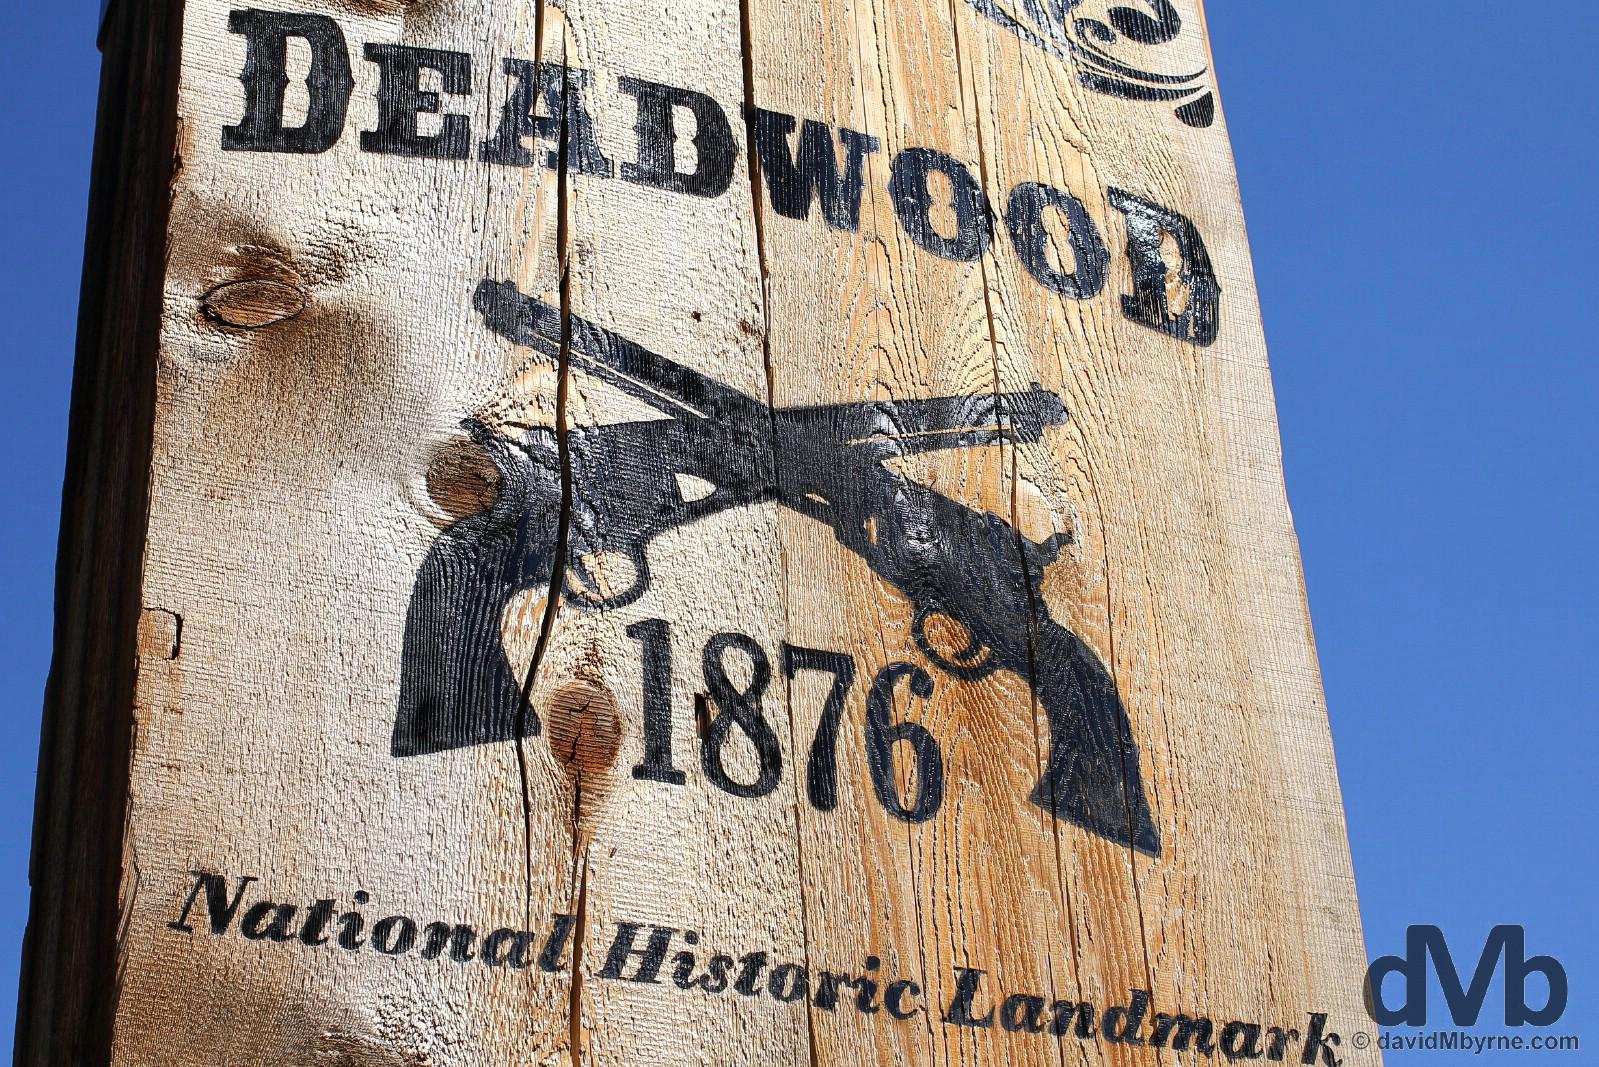 Deadwood, The Black Hills, South Dakota, USA. September 3, 2016.